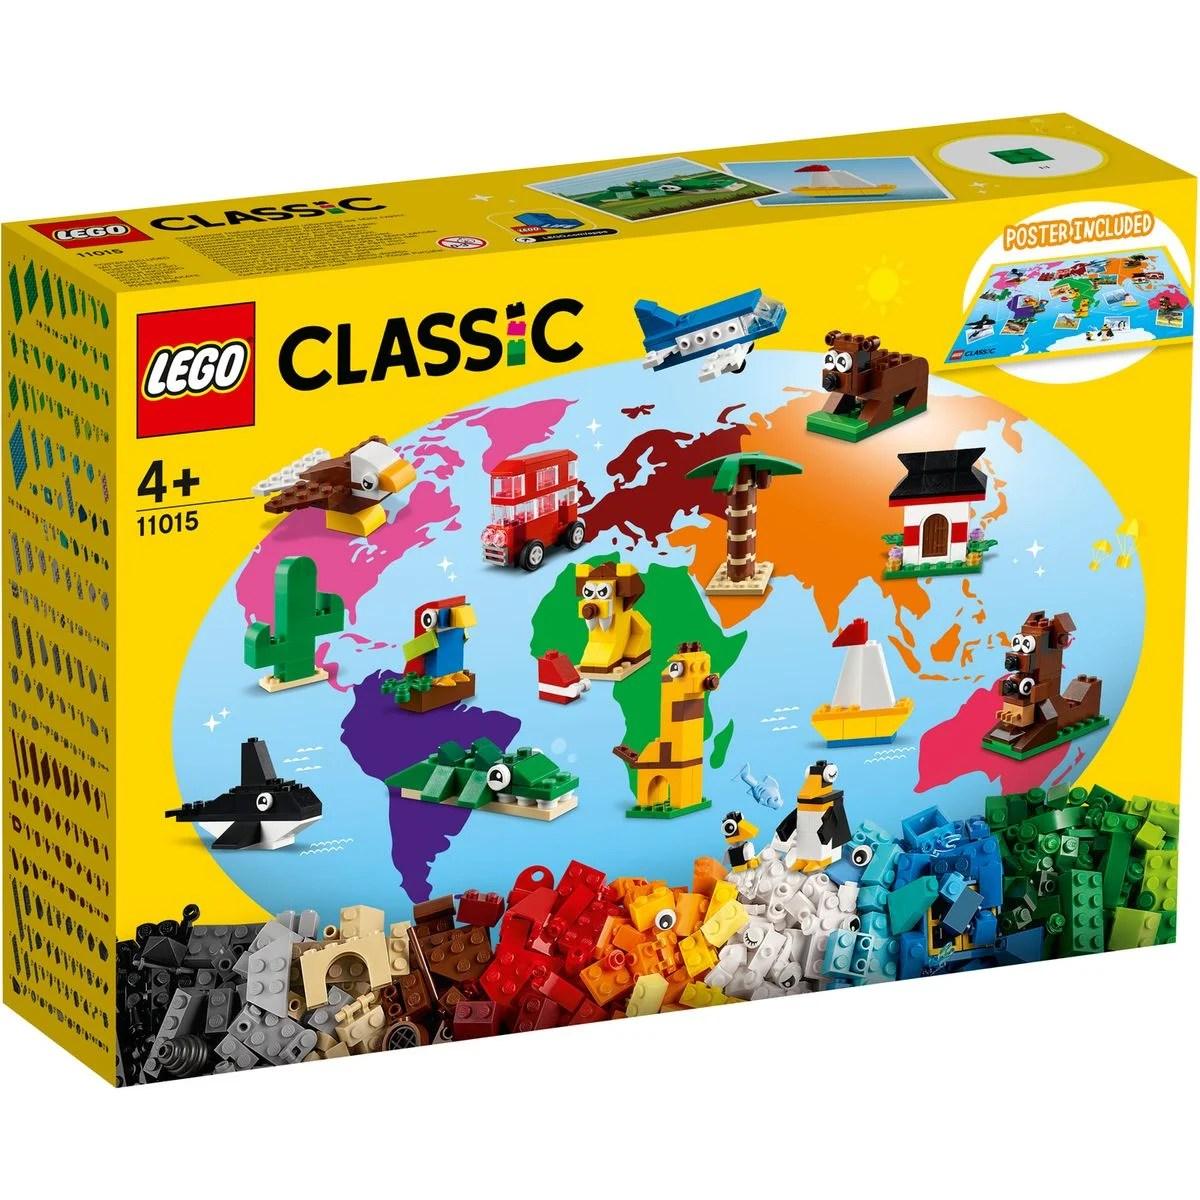 Autre figurine ou réplique. Brique Geante Lego La Redoute